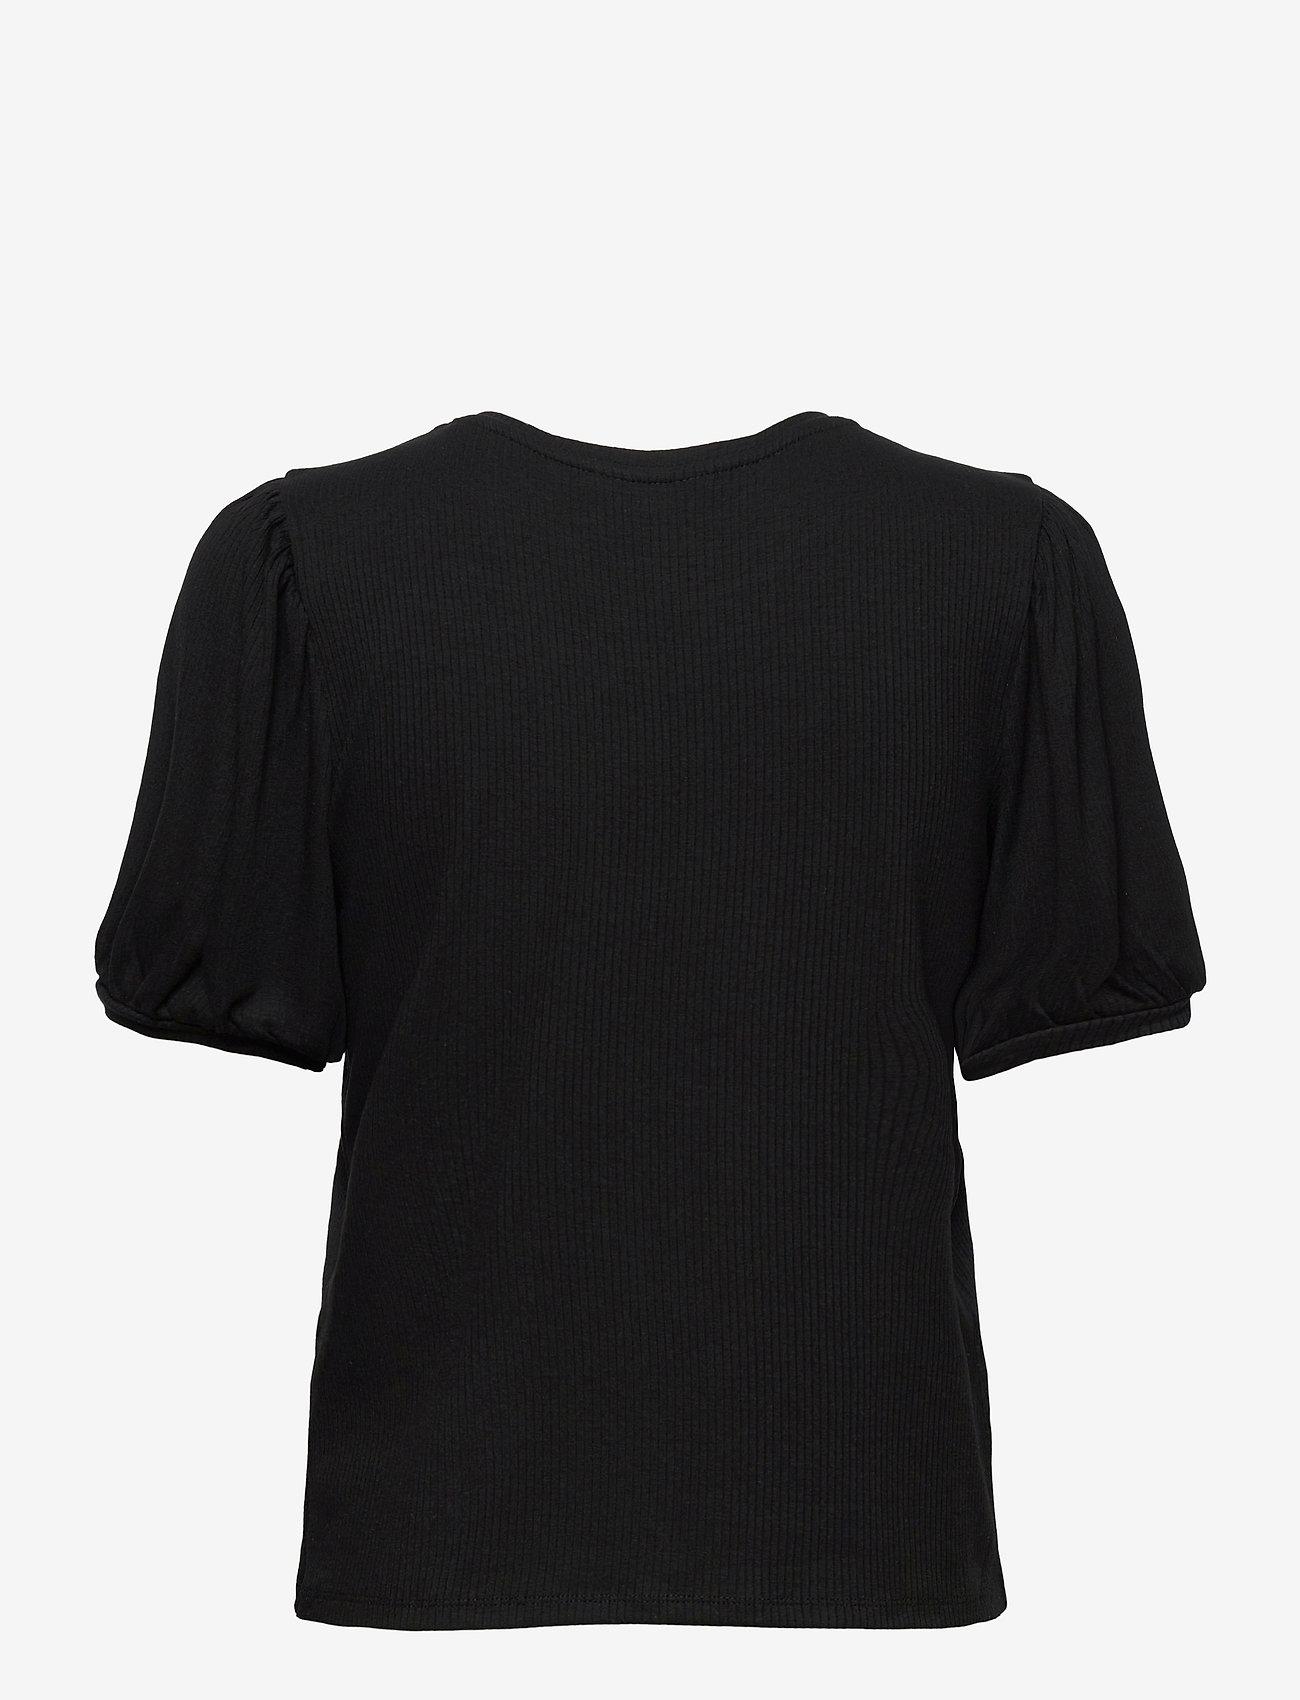 Object - OBJJAMIE S/S TOP - short-sleeved blouses - black - 1